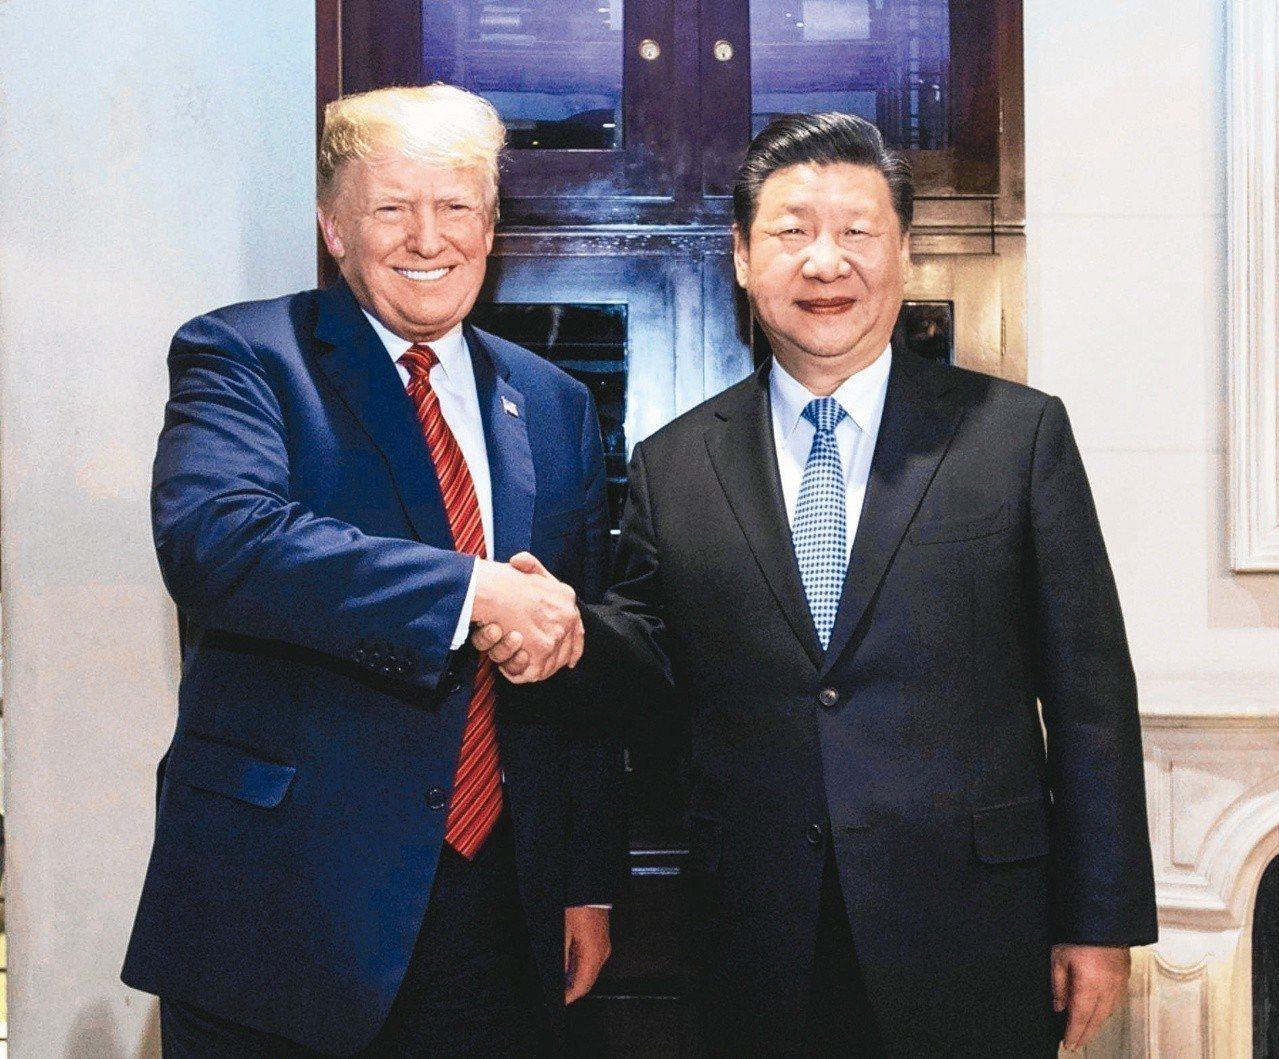 川習會落幕,美中雙方承諾暫不加關稅。新華網